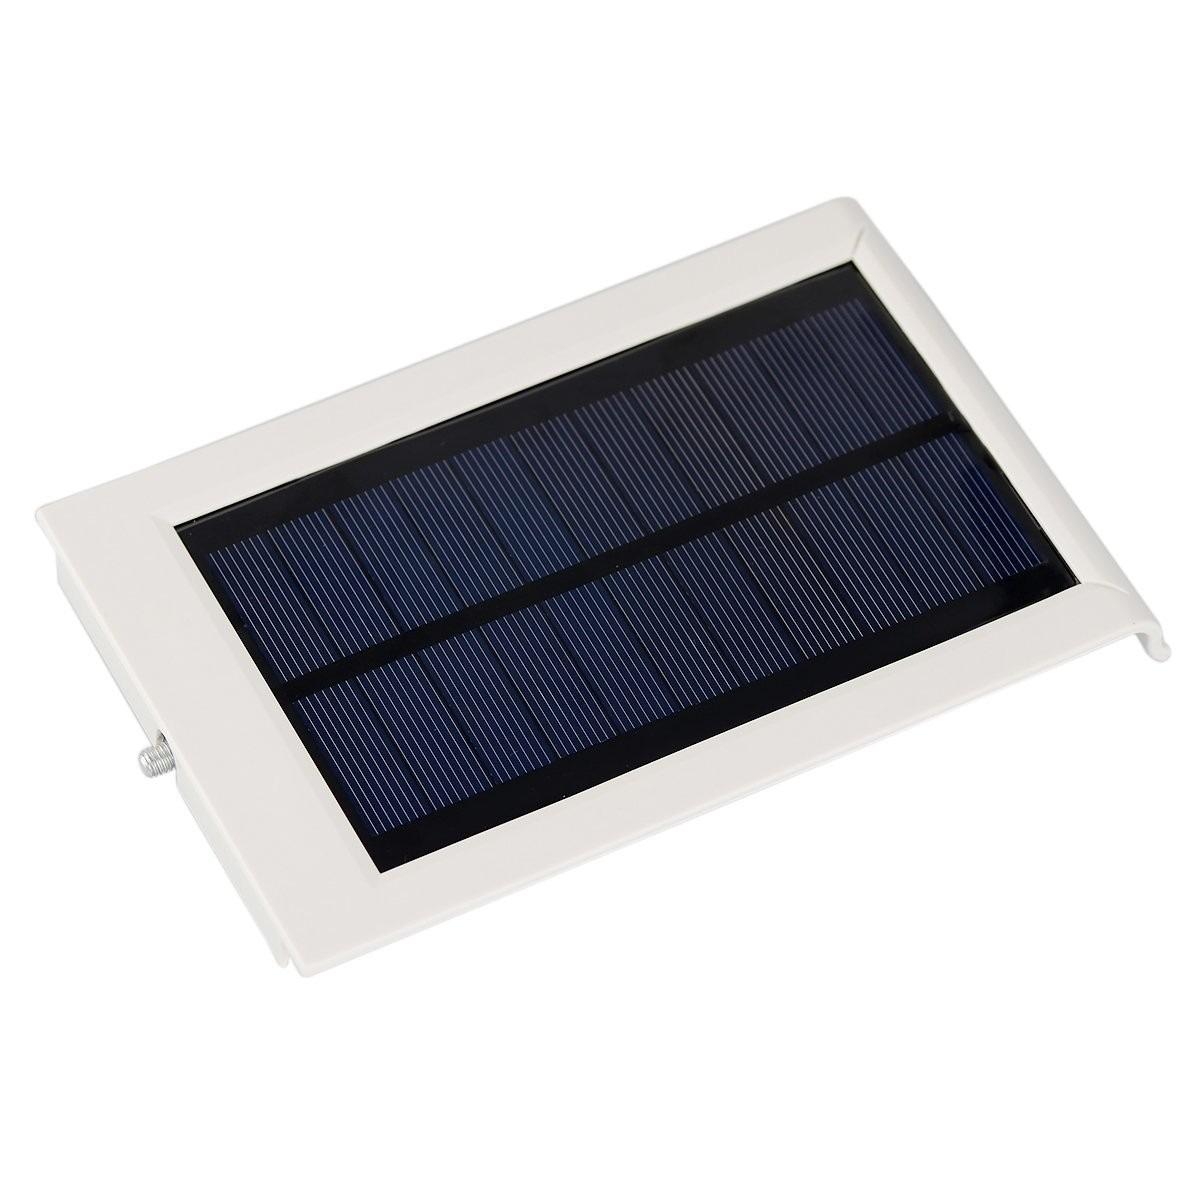 L mpara solar de 12 super leds luminaria led solar for Lampara solar de jardin